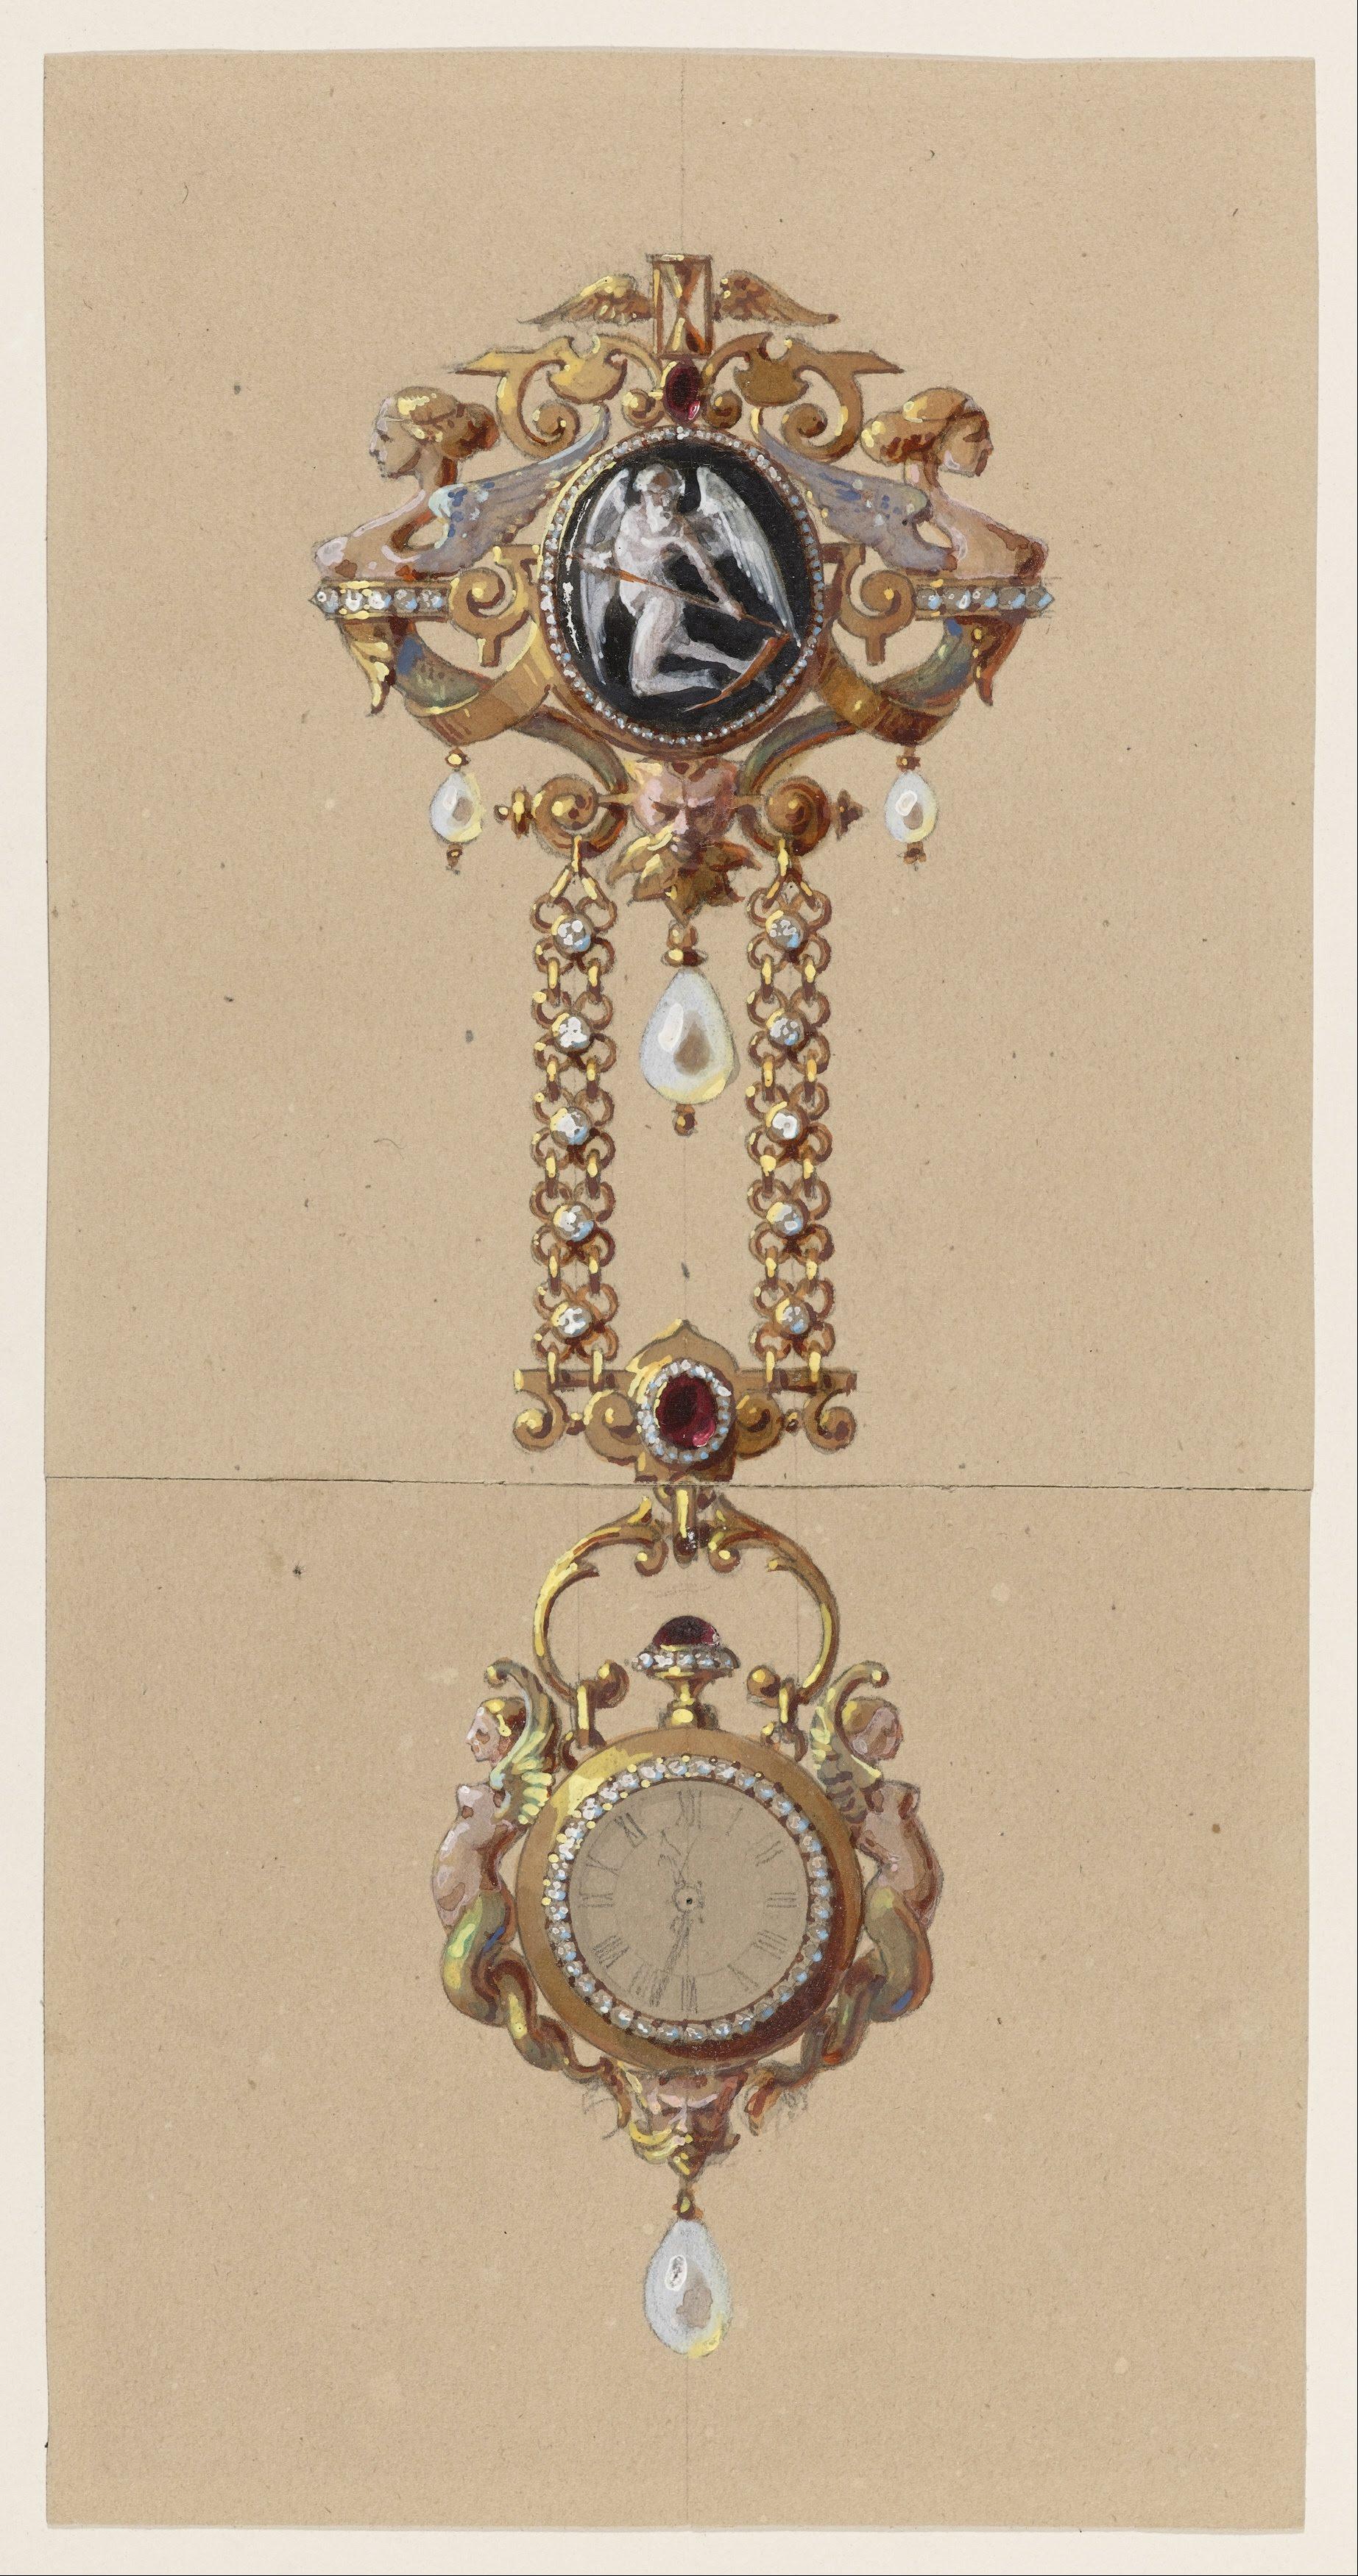 Alexis Falize, uurwerk aan chatelaine, tekening, circa 1875, gouache, grafiet, papier, Collectie Cooper Hewitt, Smithsonian Design Museum, 1950-6-2